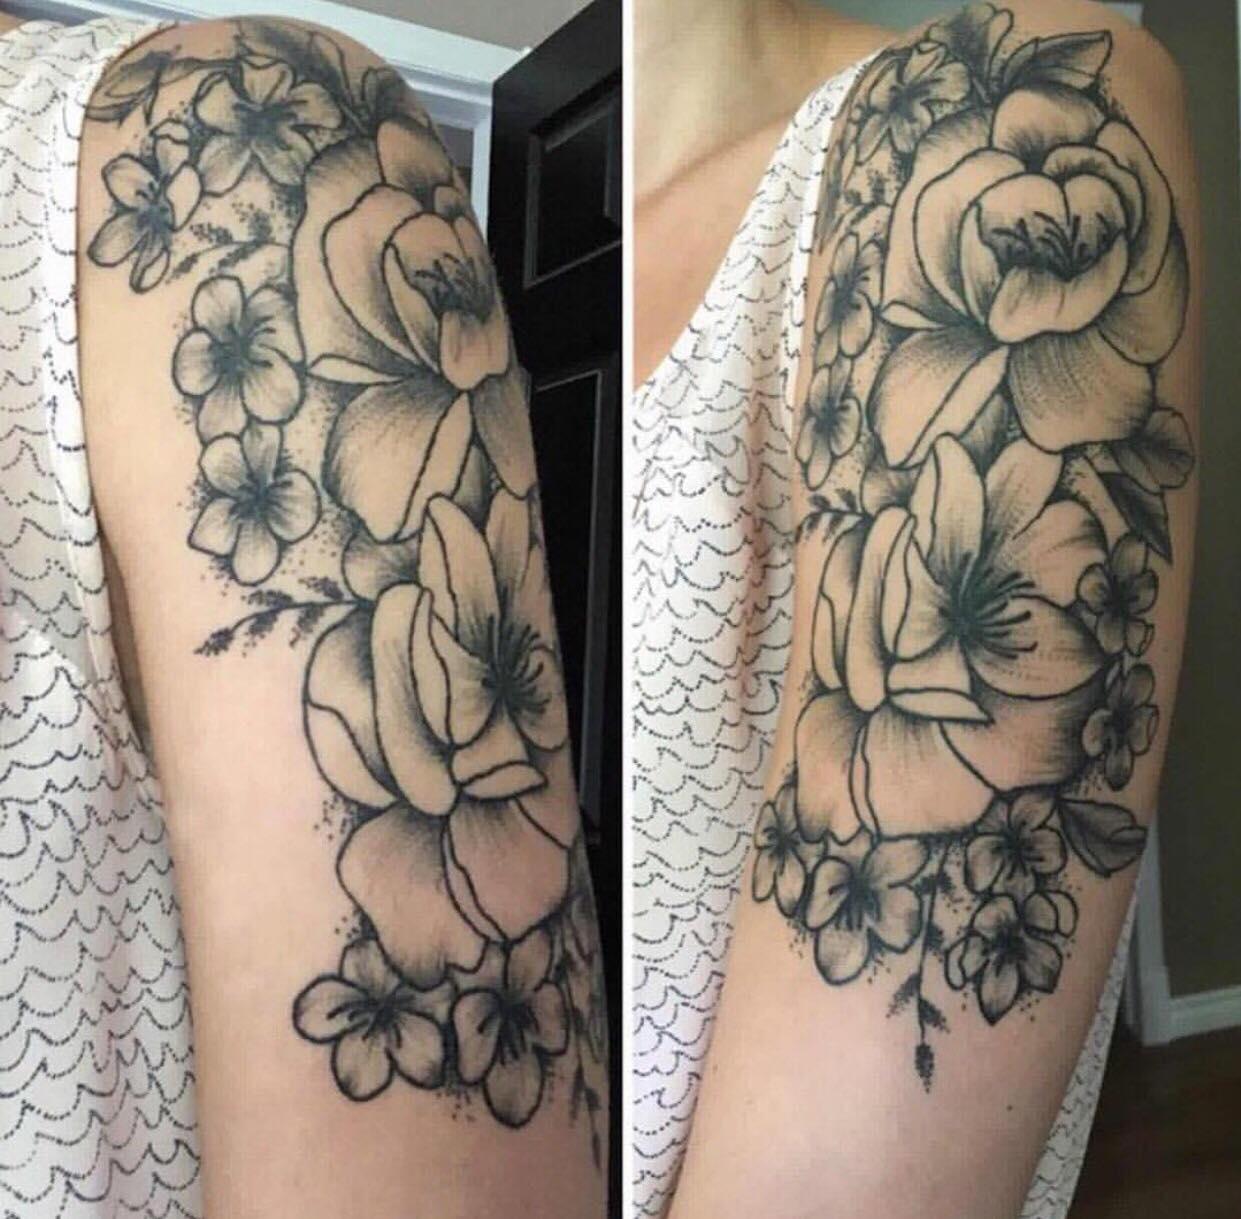 Dani Mea tattoo 2019 Okanagan Tattoo Show & Brewfest Artist